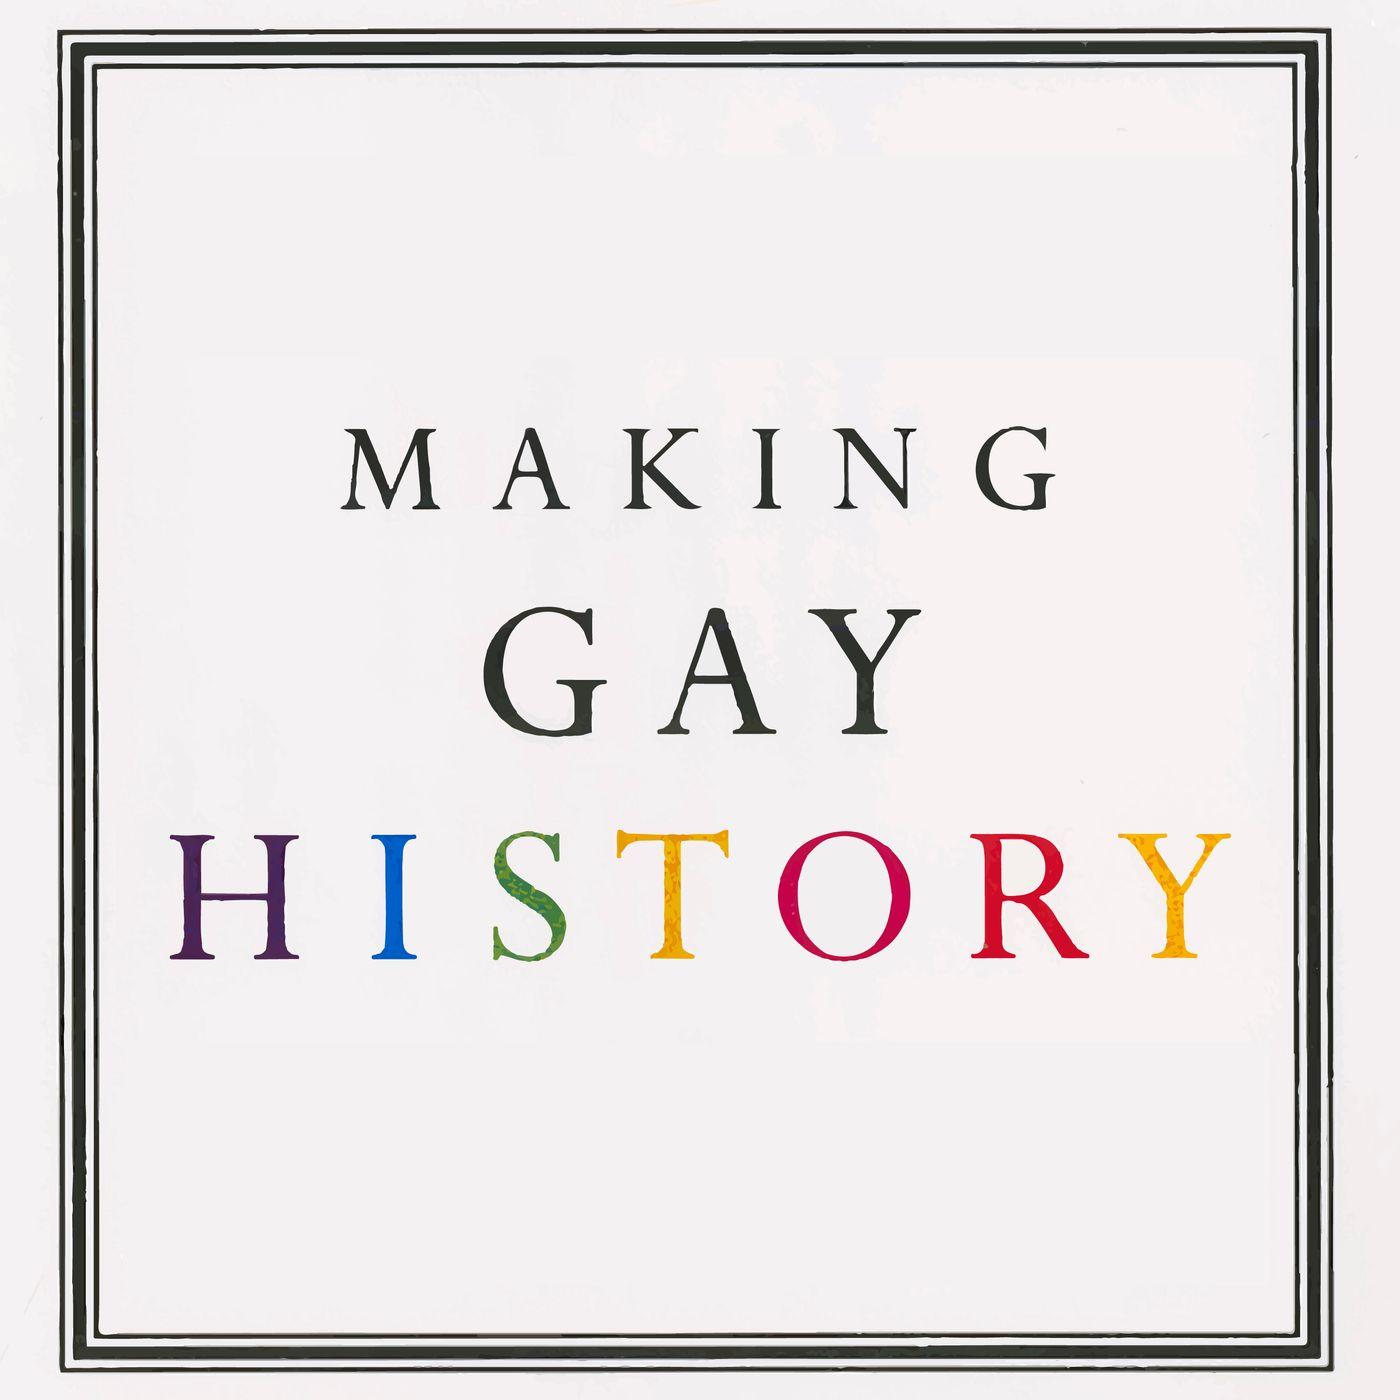 Making Gay History